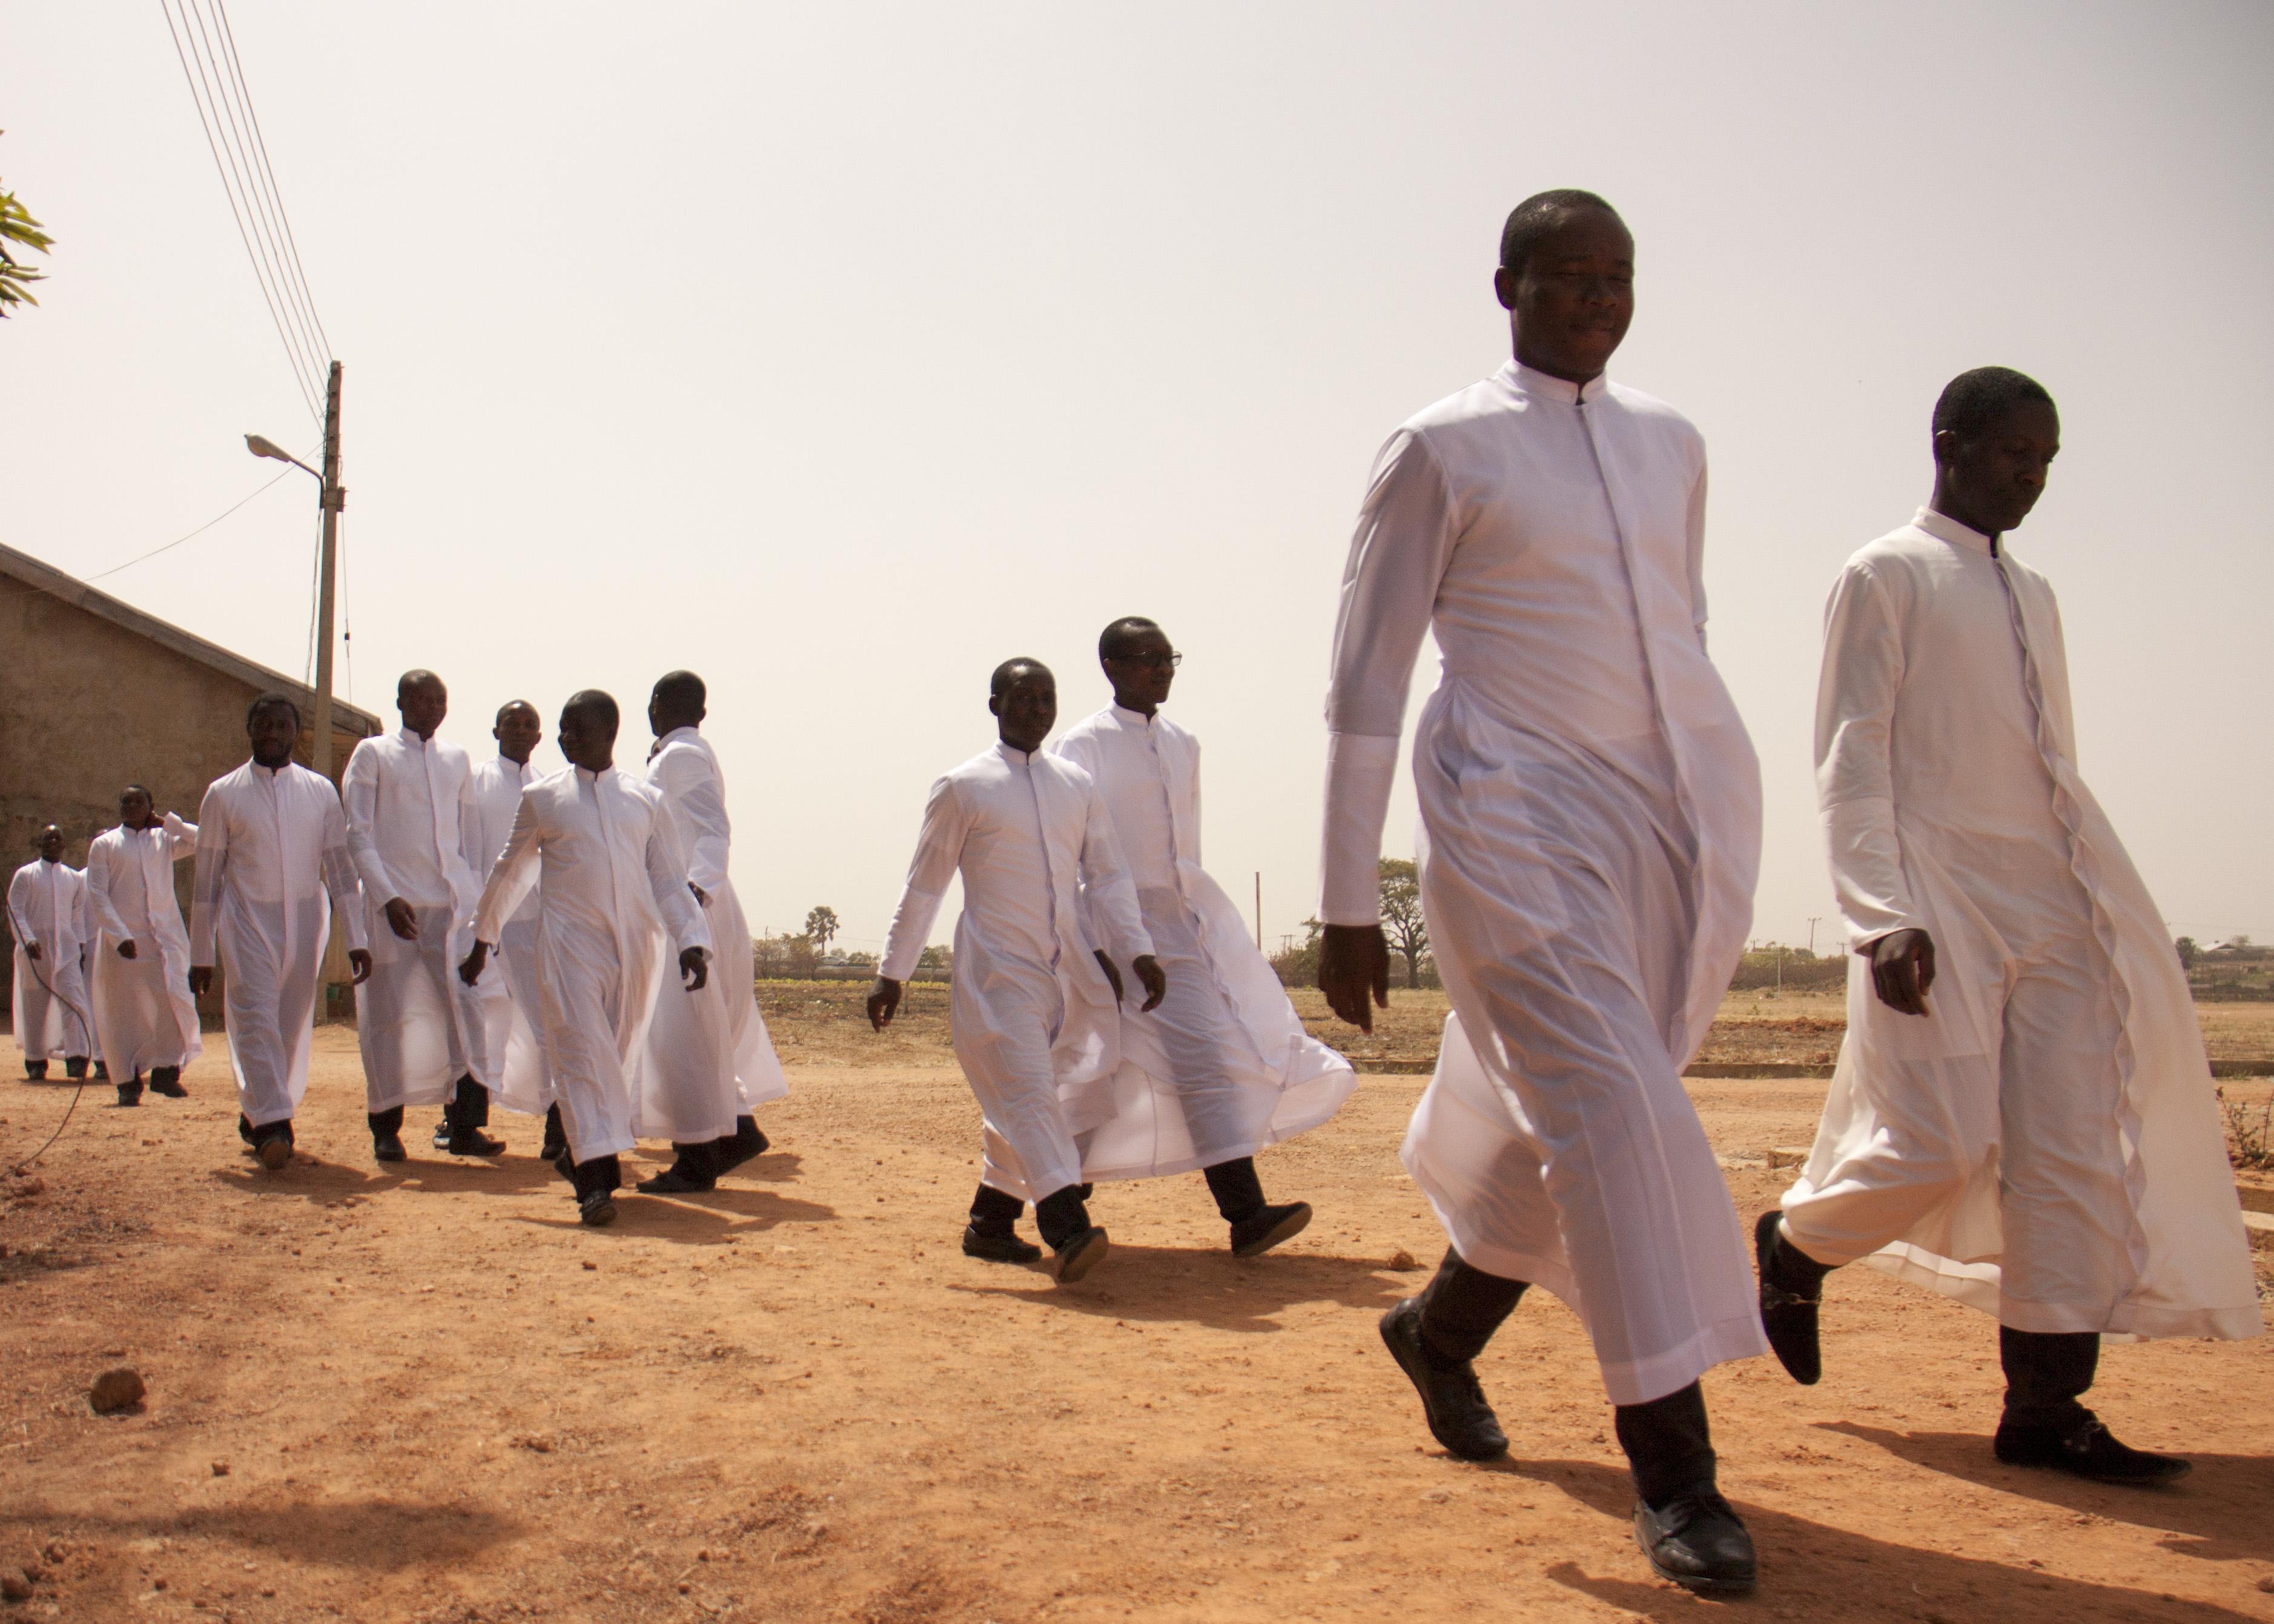 Secuestran a 4 seminaristas en Nigeria